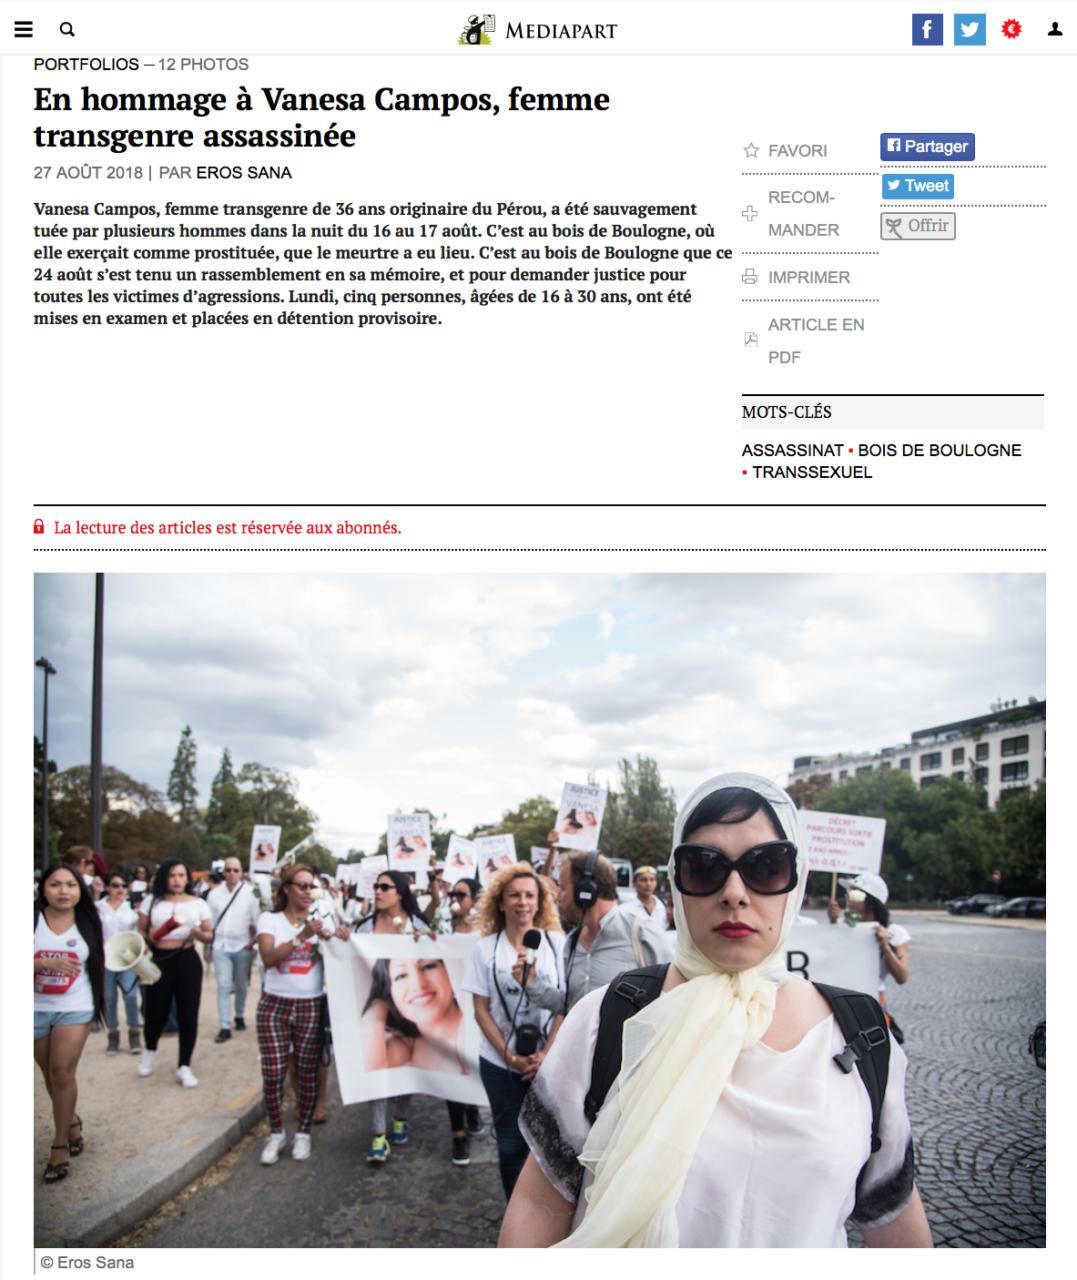 En hommage à Vanesa Campos, femme transgenre assassinée